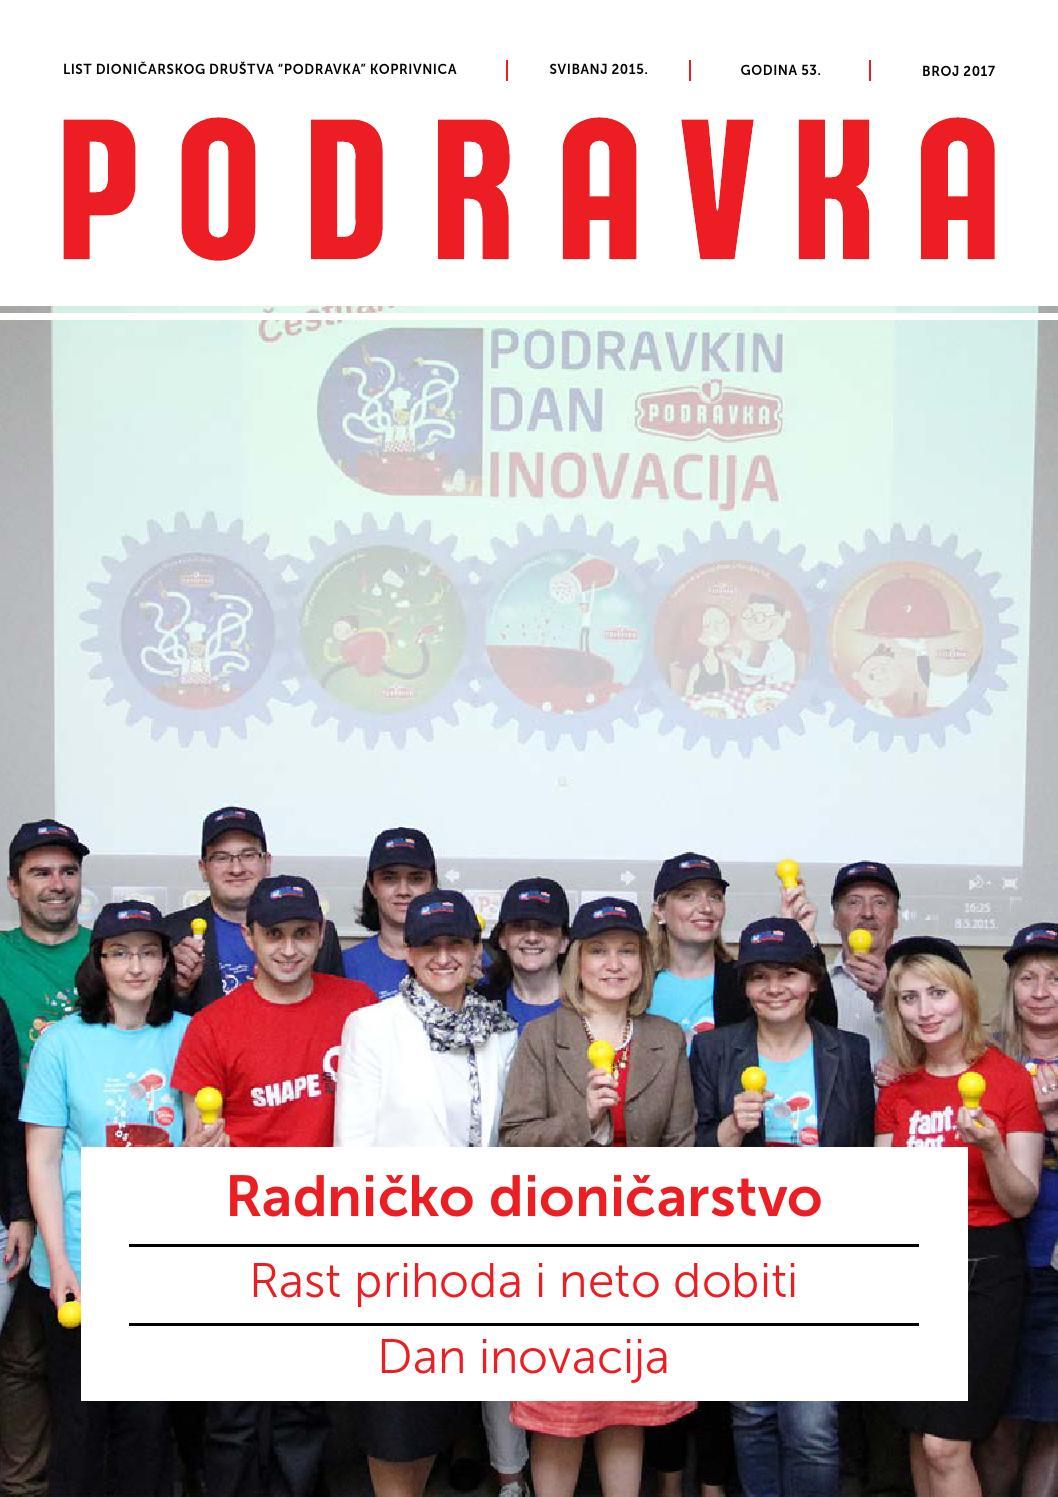 Razrednica Vjera Mrđen i Ljiljana Kelava, profesorica matematike, zahvaljuju na pozivu i druženju.